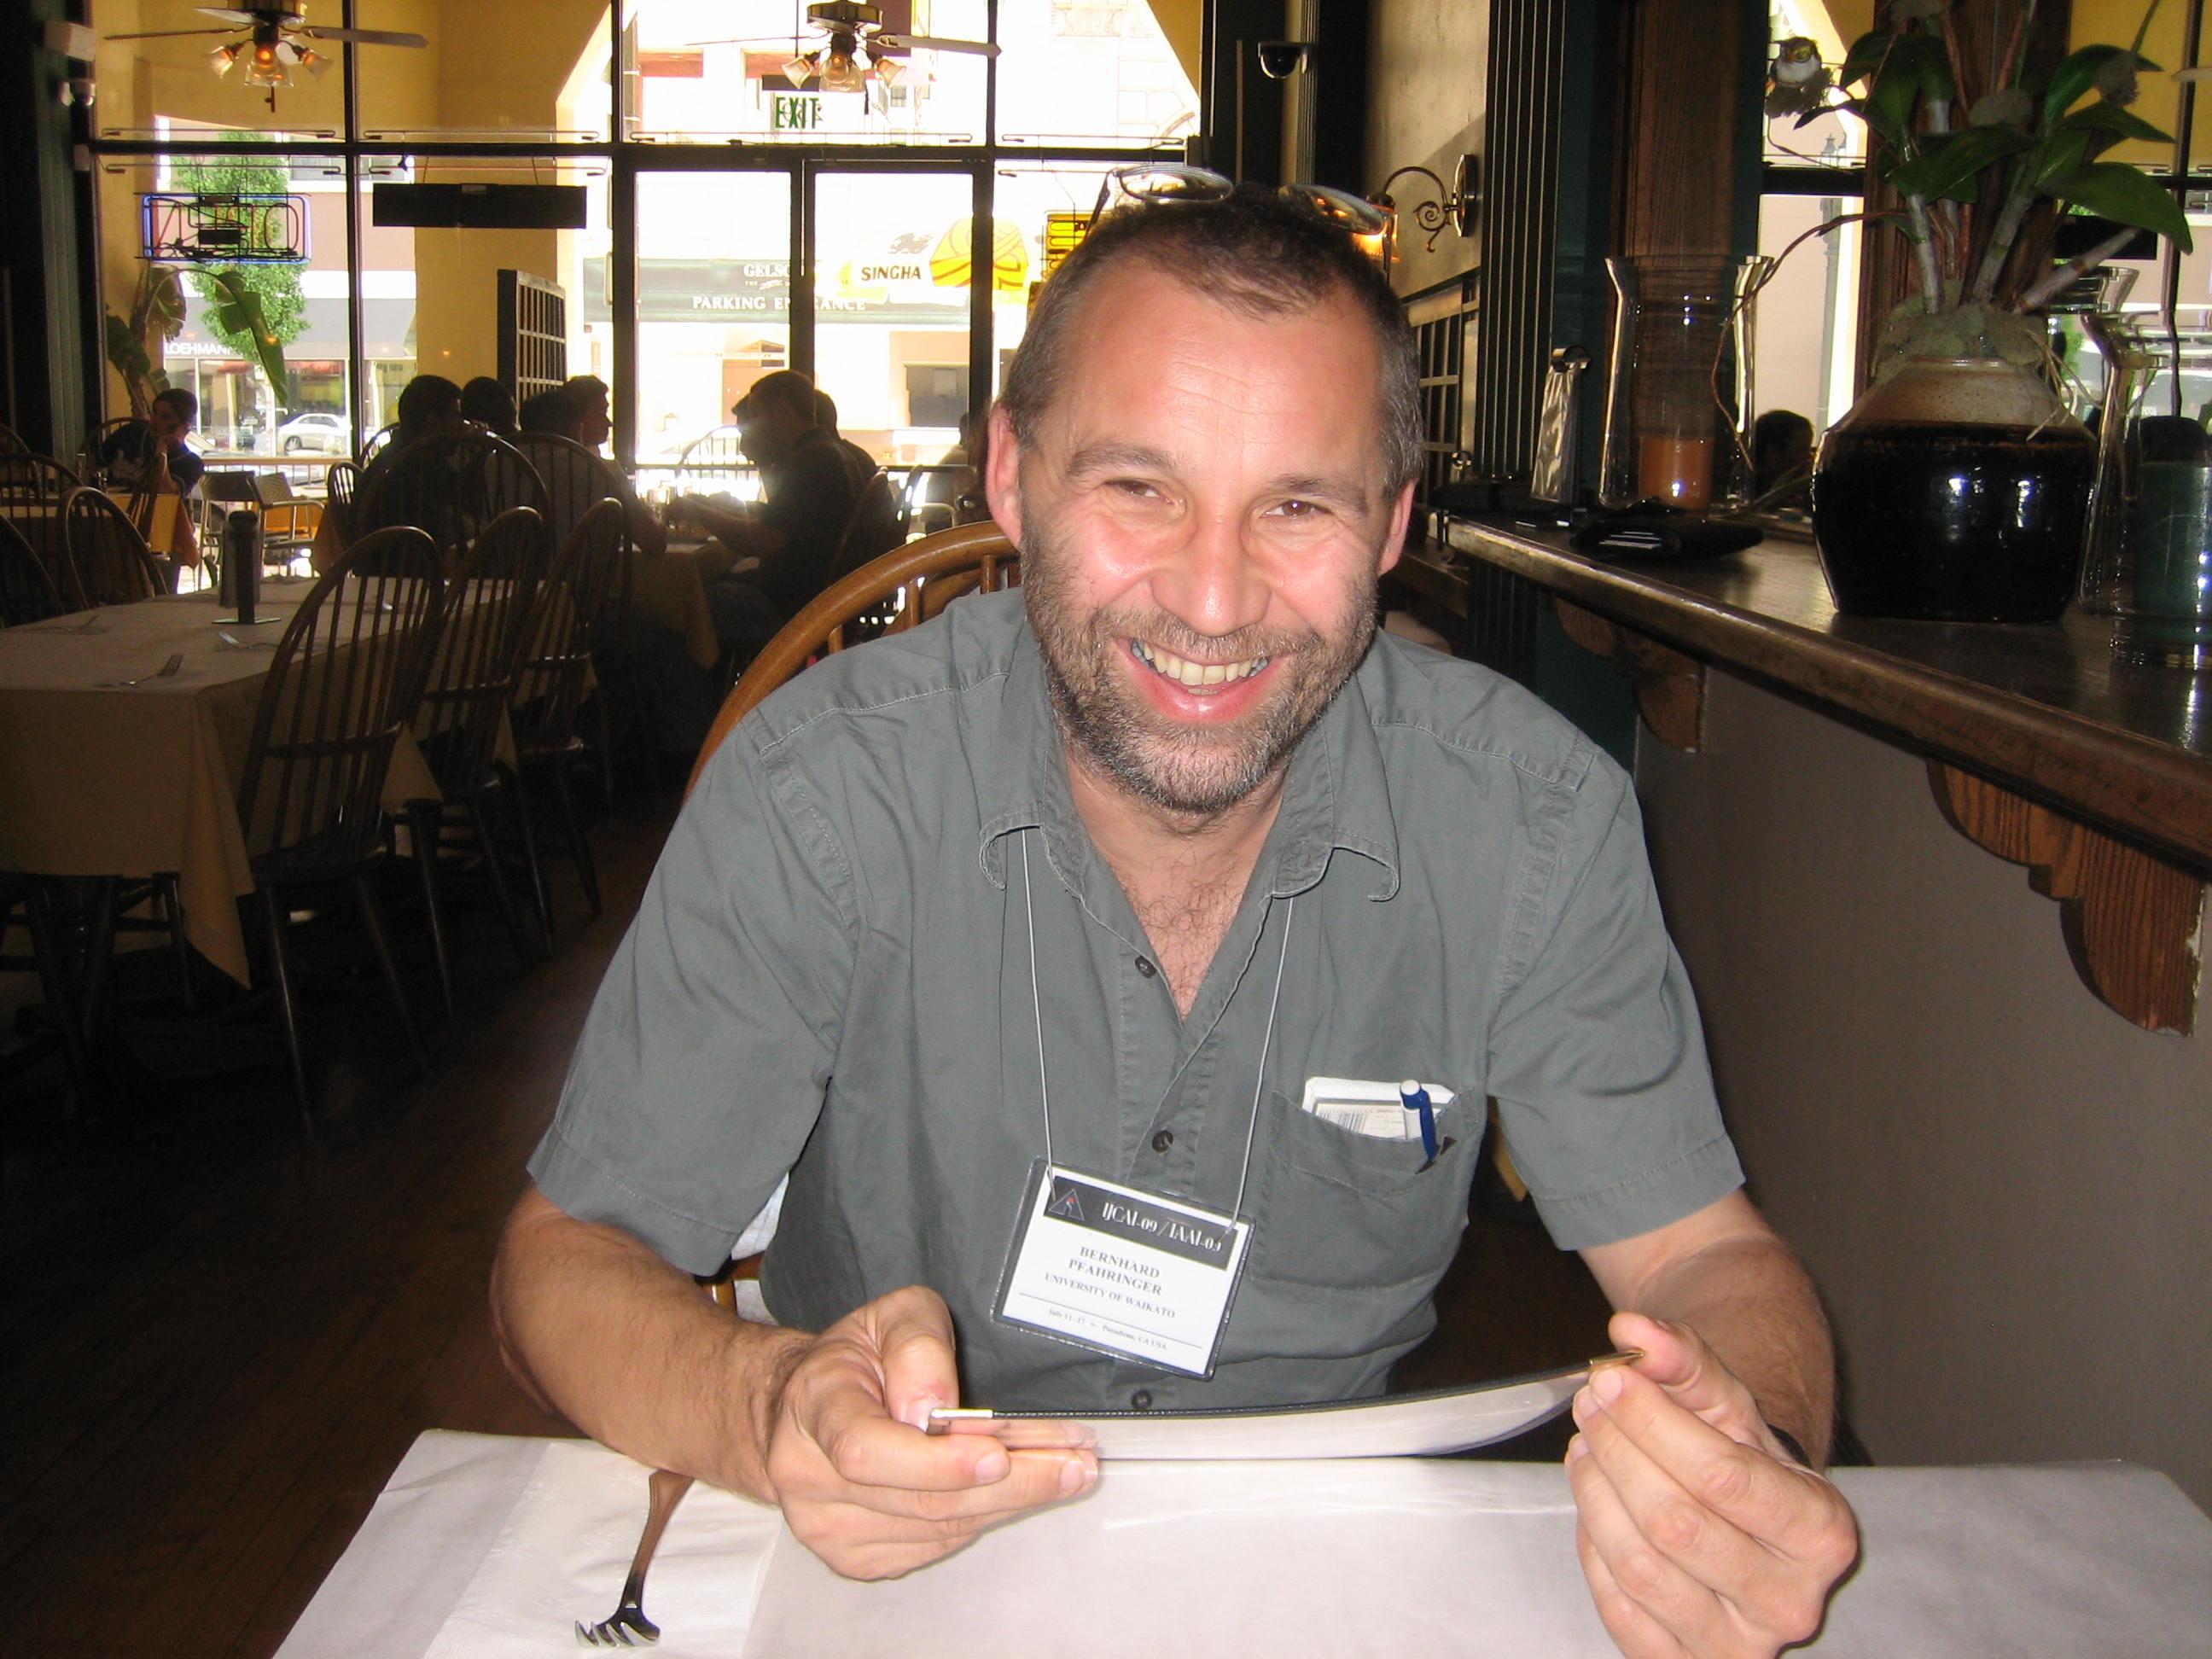 Me circa 2004